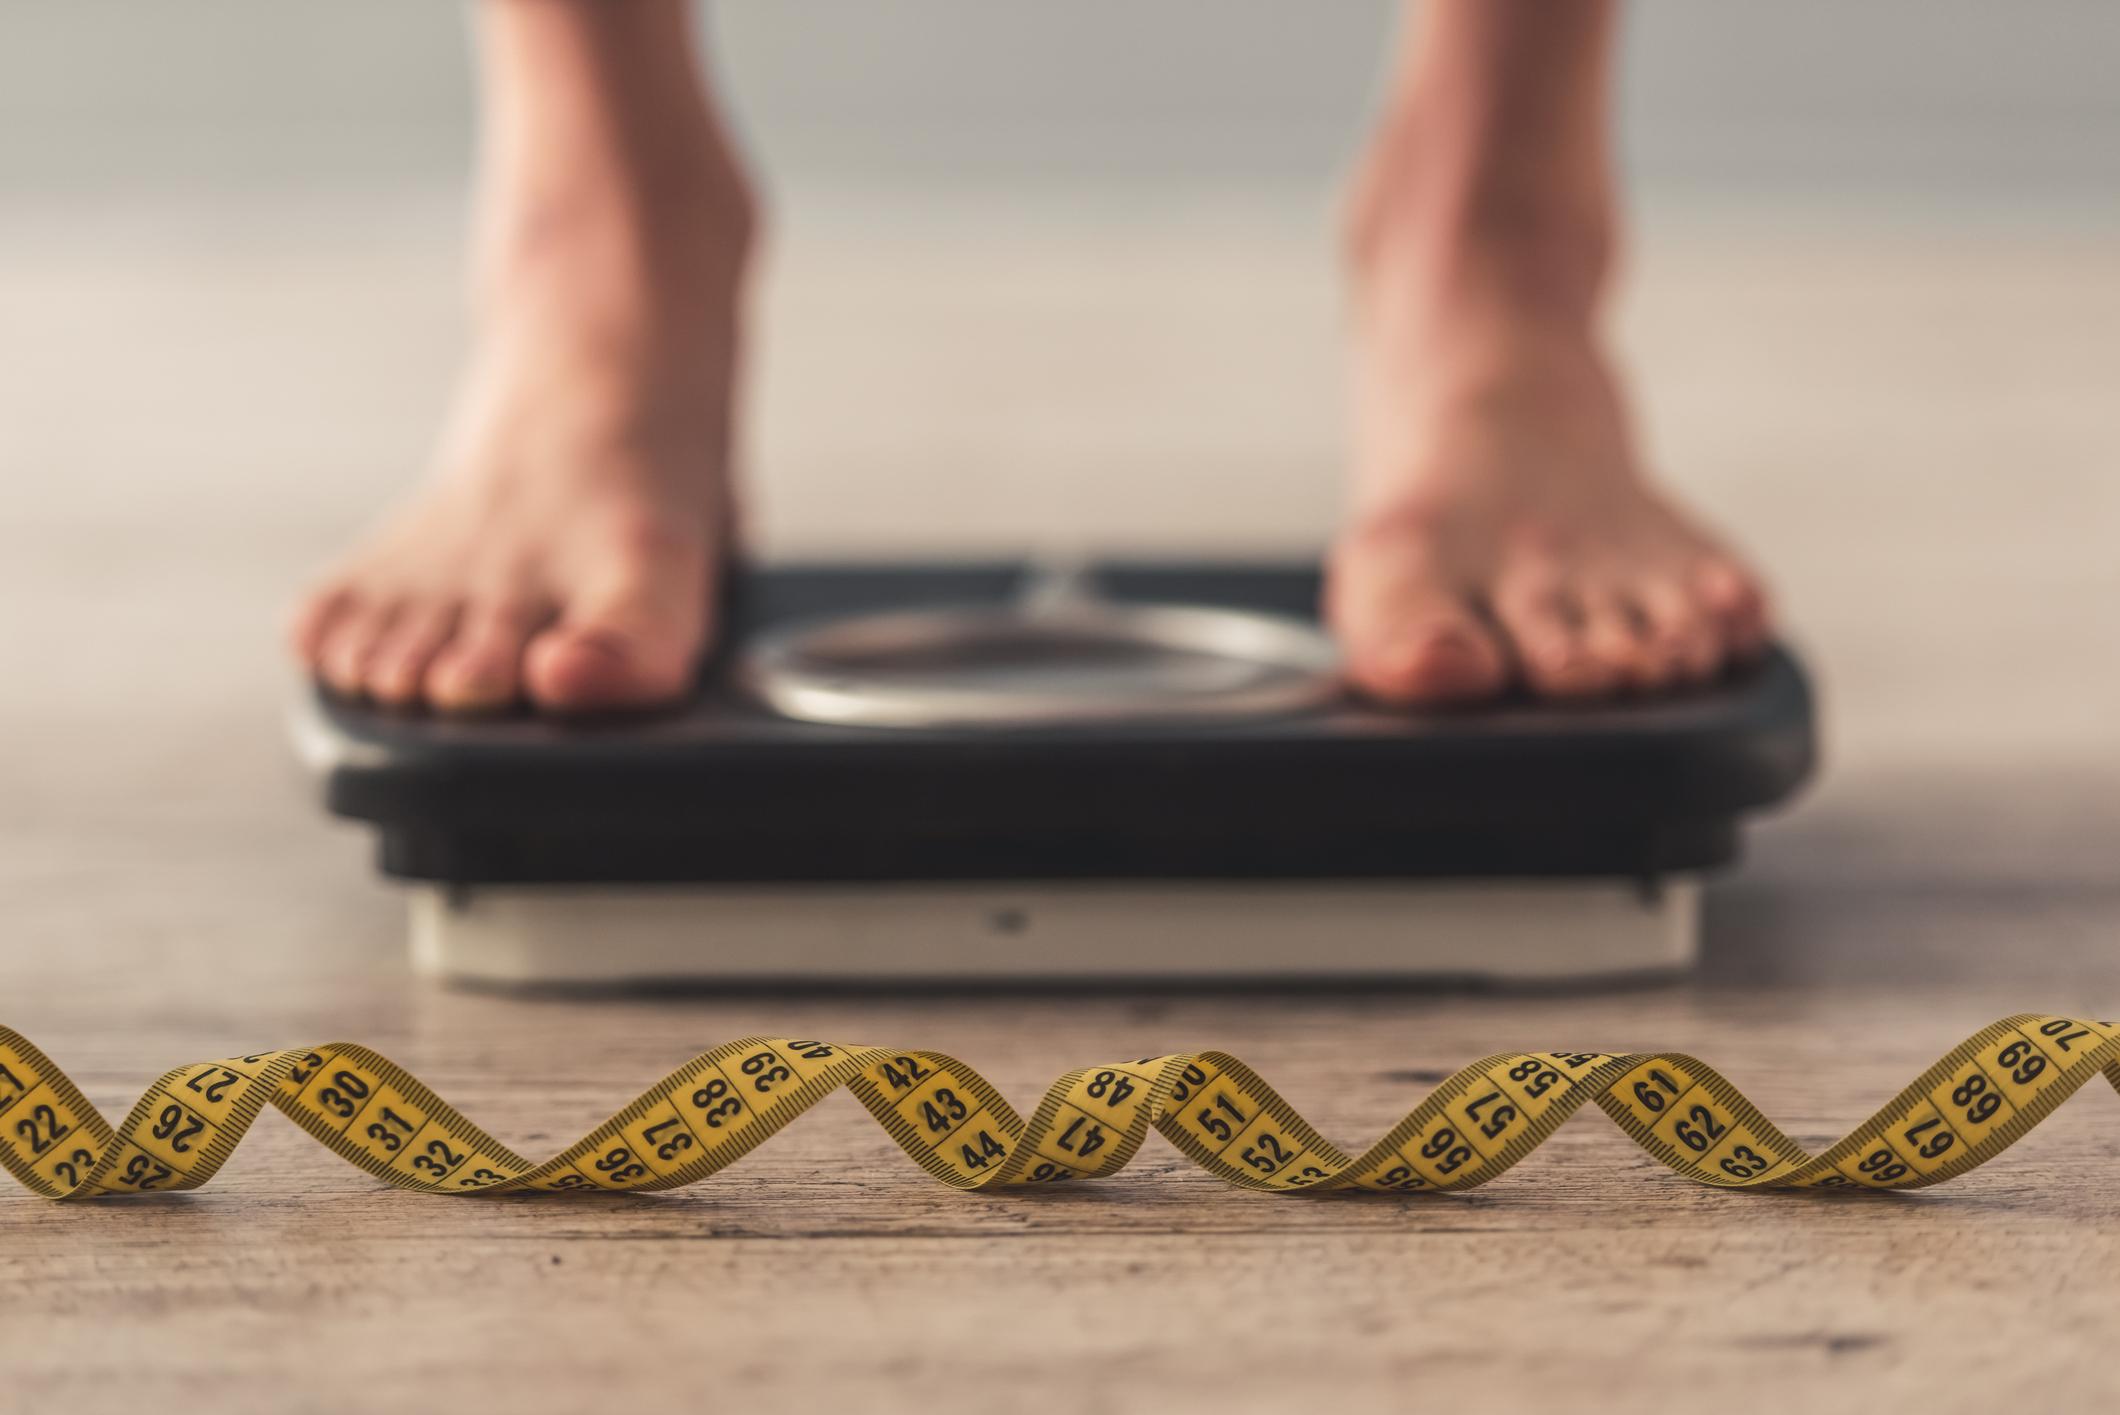 Cel mai bun mod de a pierde in greutate sunt barbatii